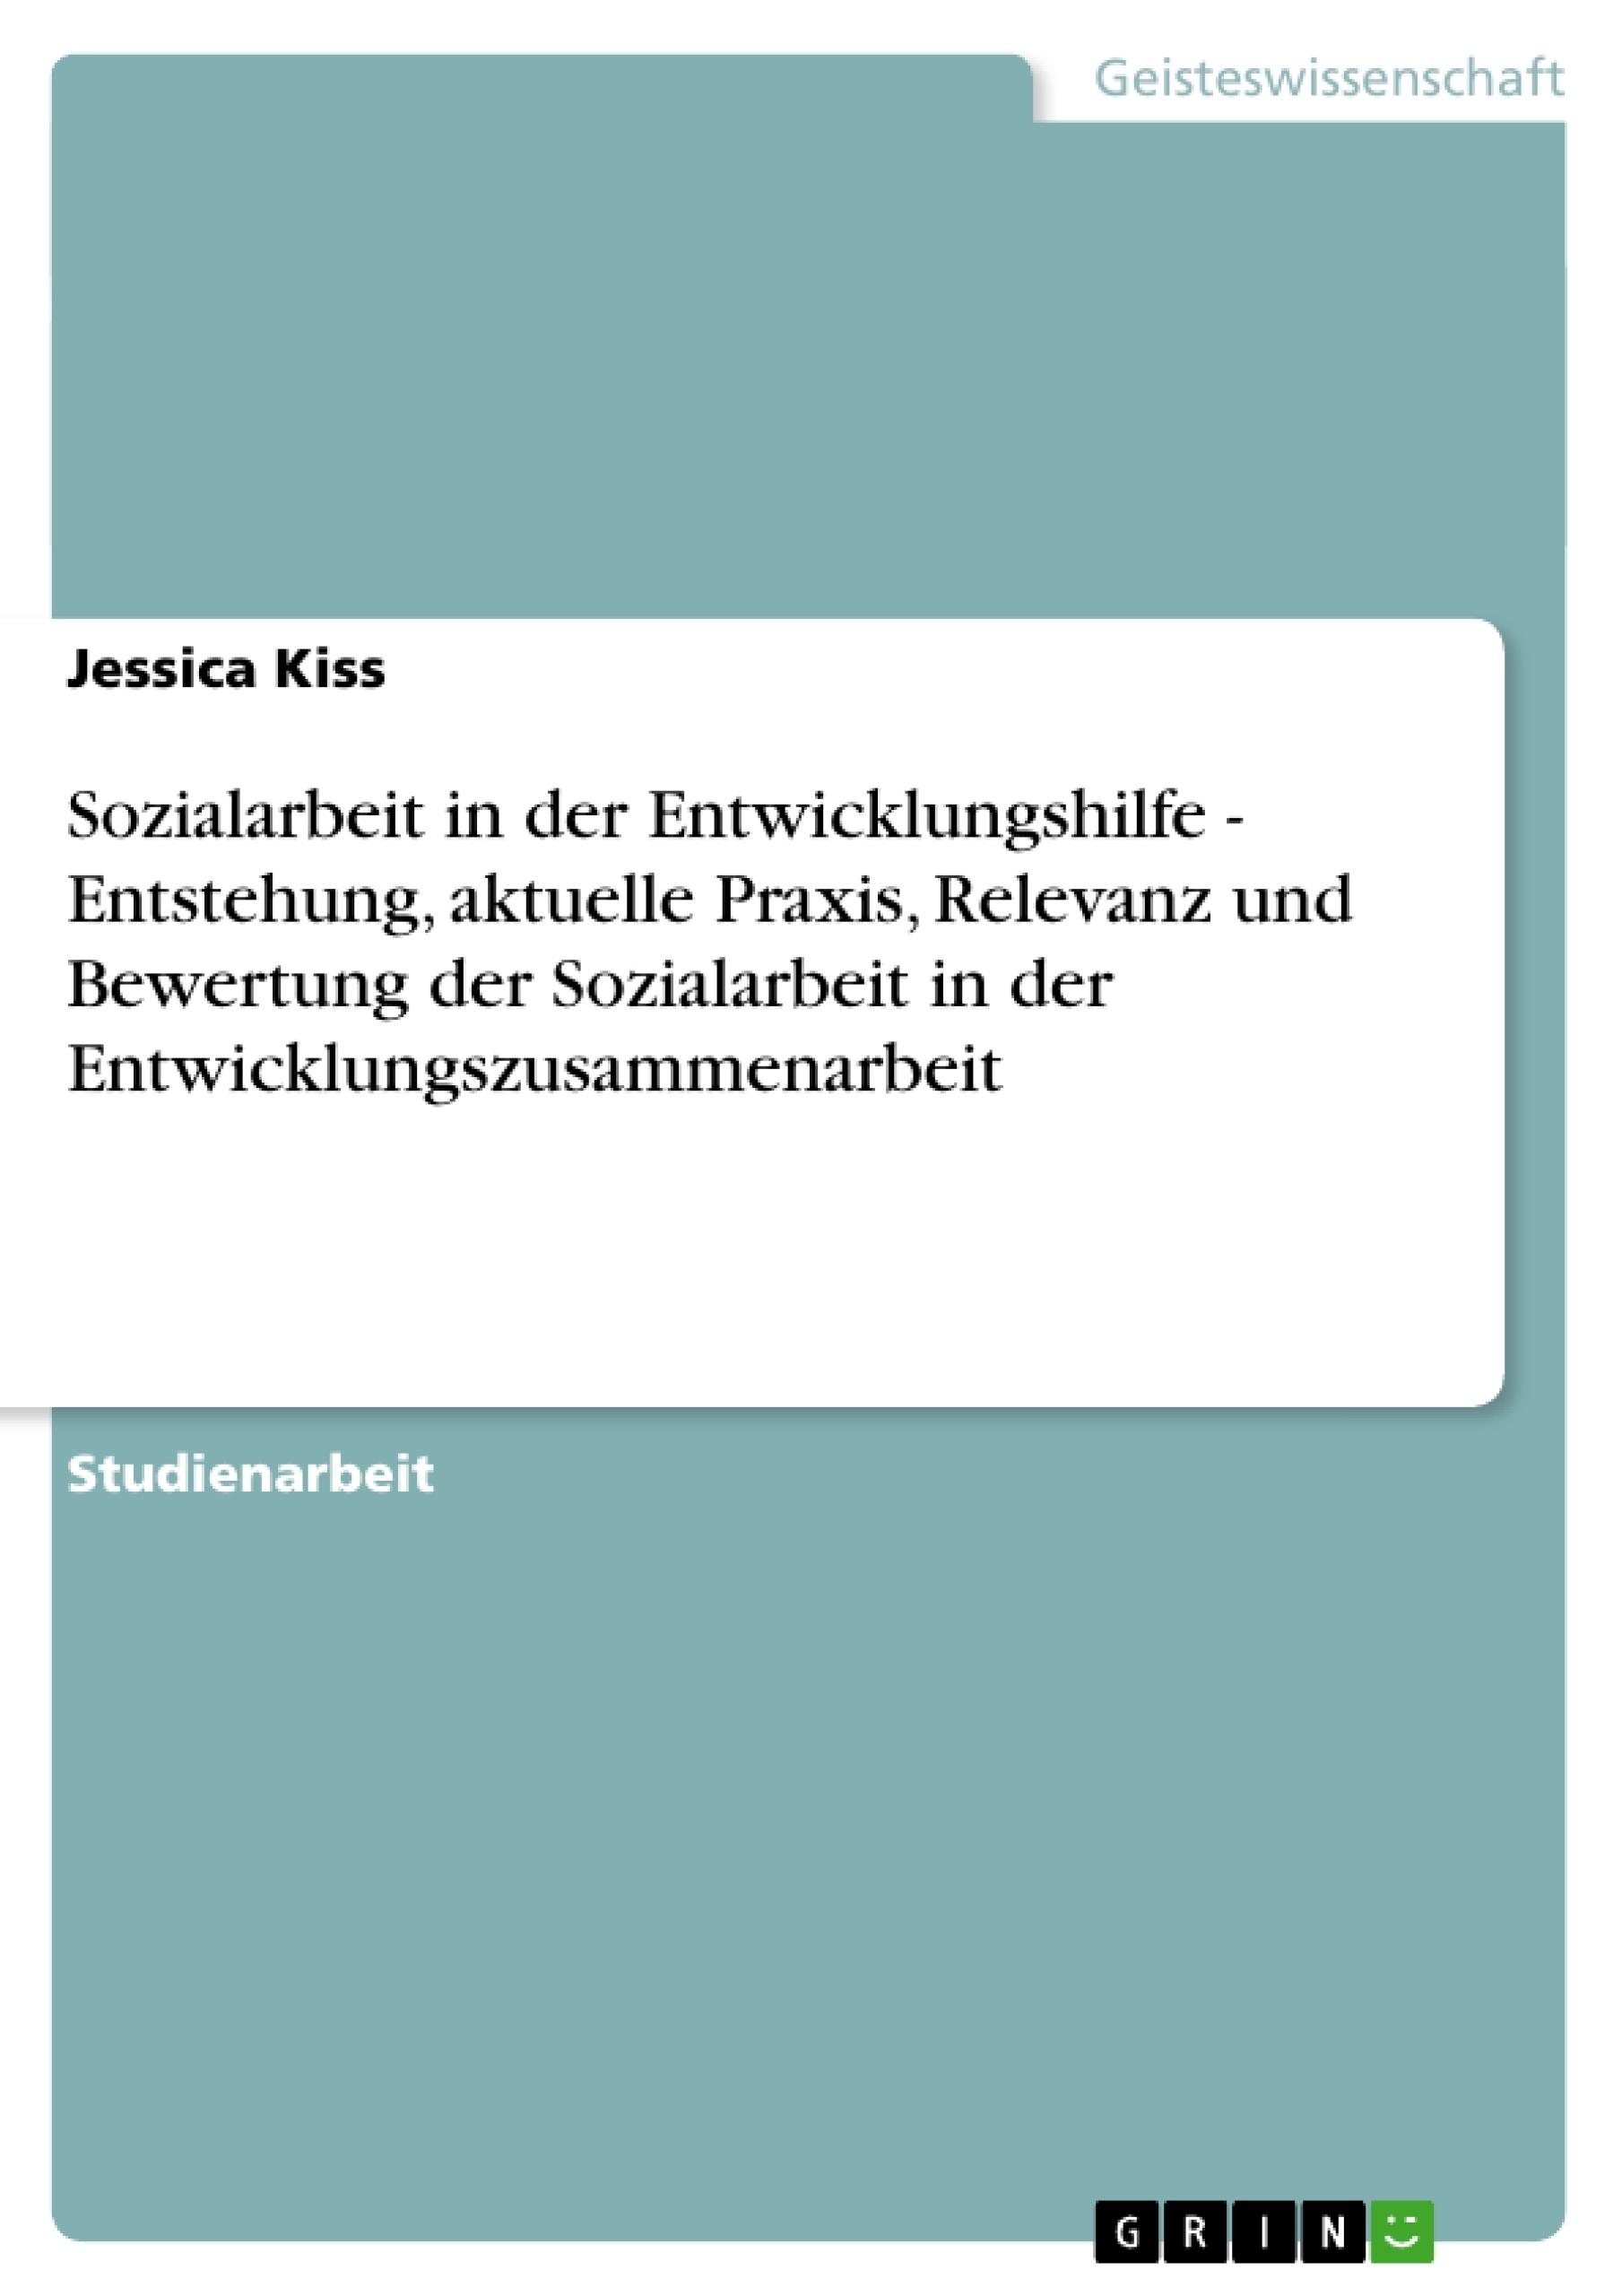 Titel: Sozialarbeit in der Entwicklungshilfe - Entstehung, aktuelle Praxis, Relevanz und Bewertung der Sozialarbeit in der Entwicklungszusammenarbeit